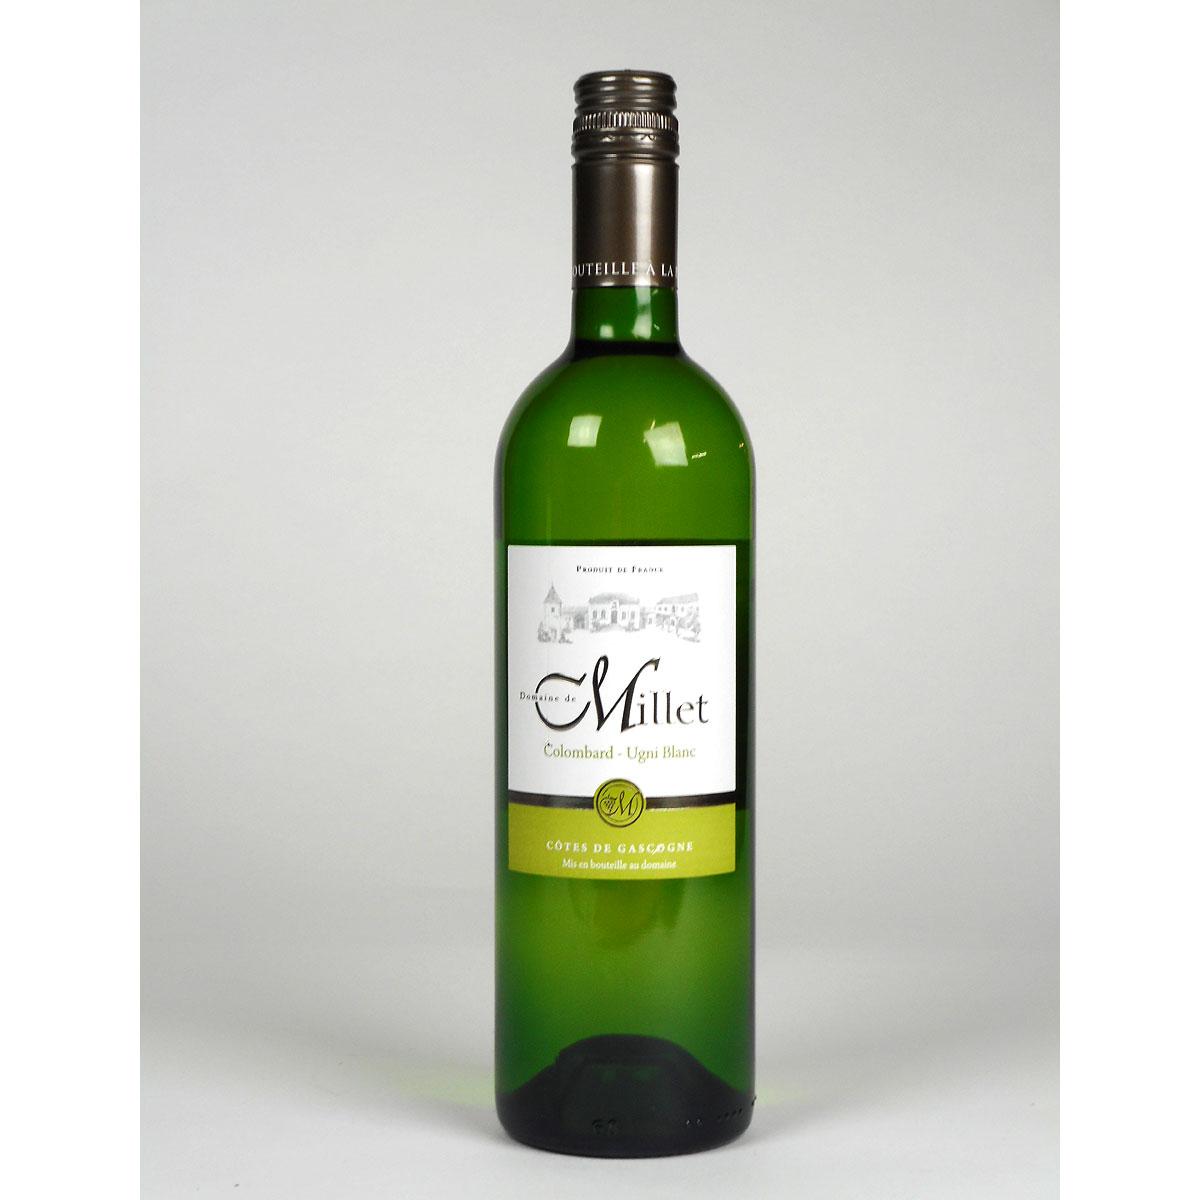 Côtes de Gascogne: Domaine Millet Colombard - Ugni Blanc 2019 - Bottle